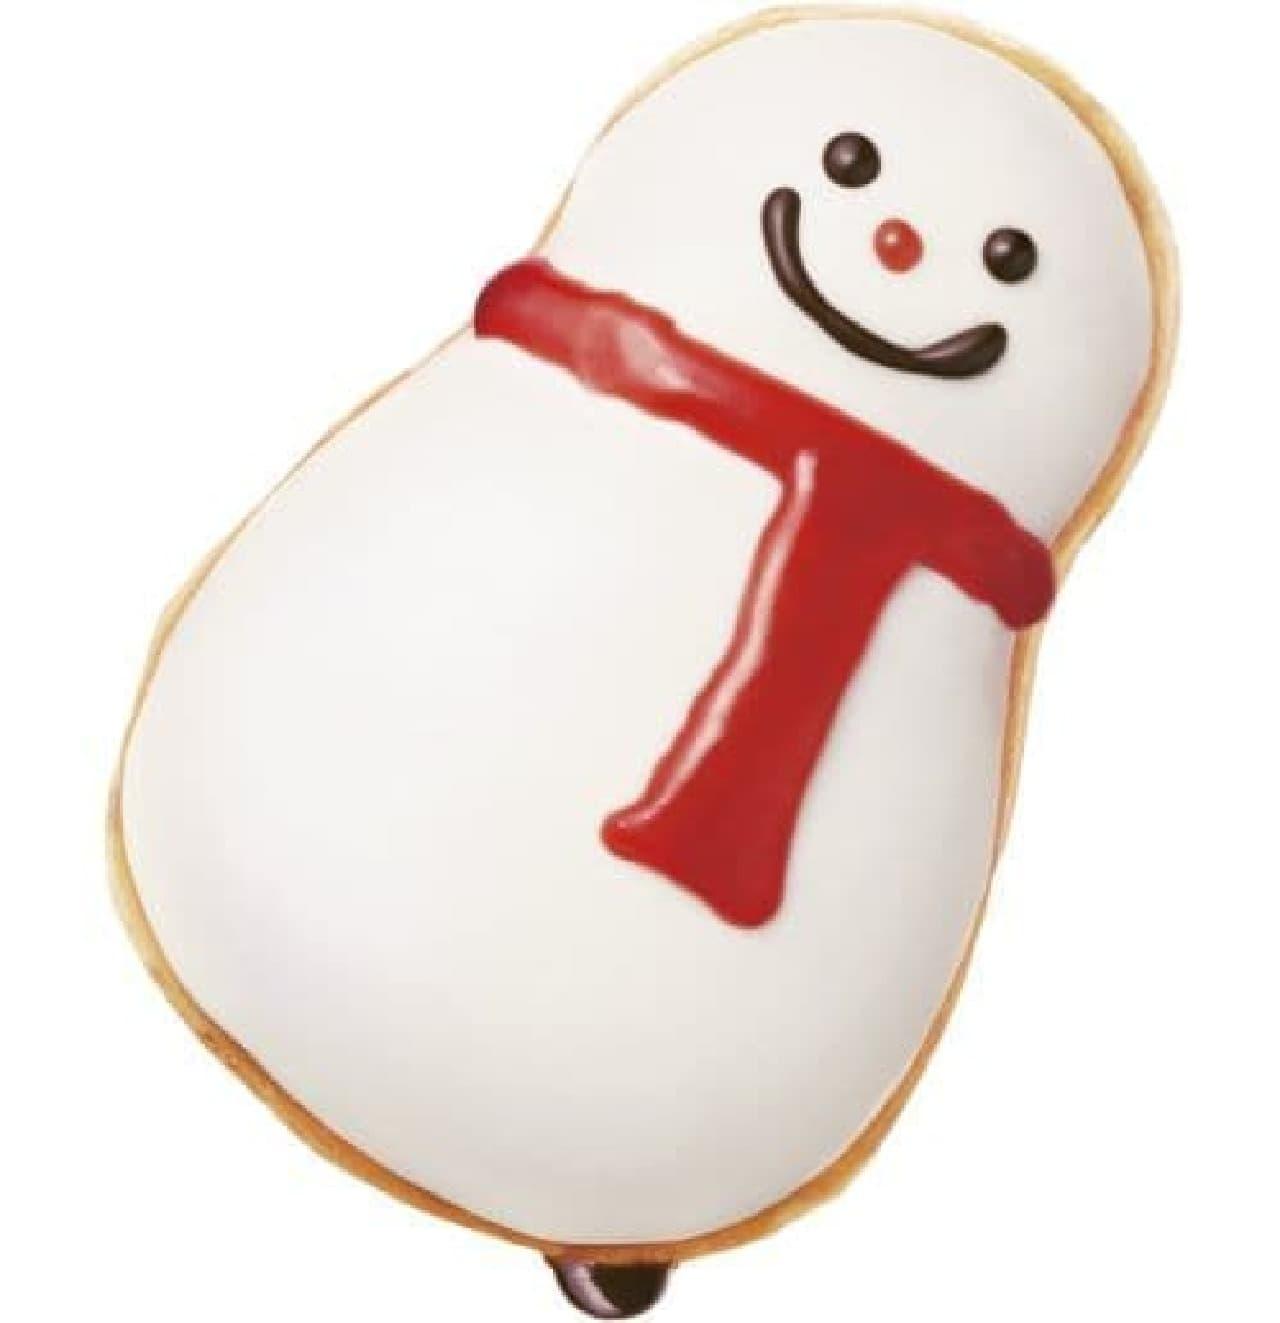 「スノーマン チョコレート」は、スノーマンデザインのドーナツ